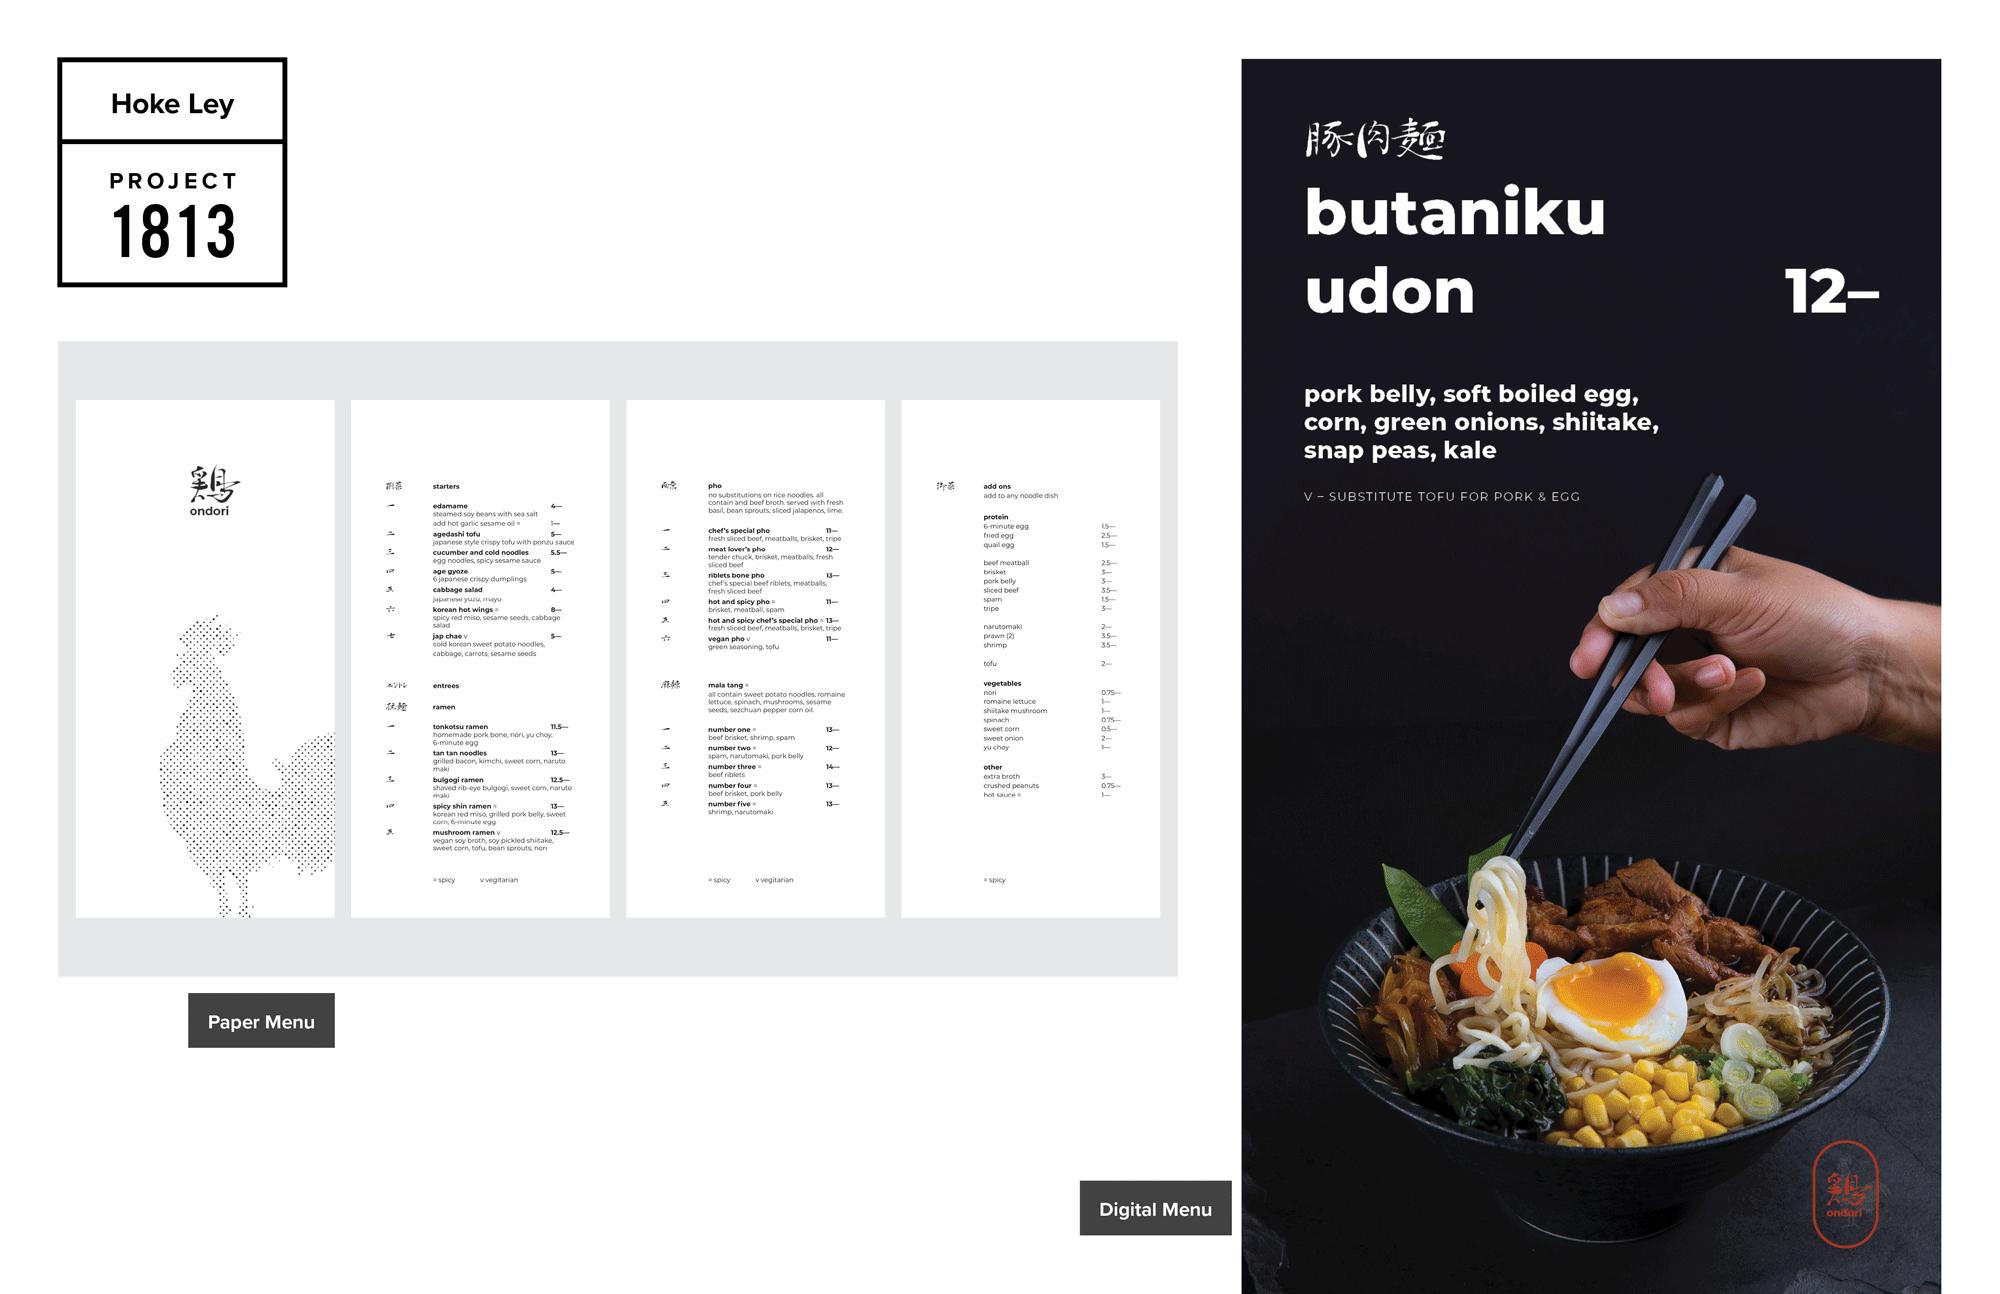 ondori-print-digital-menu